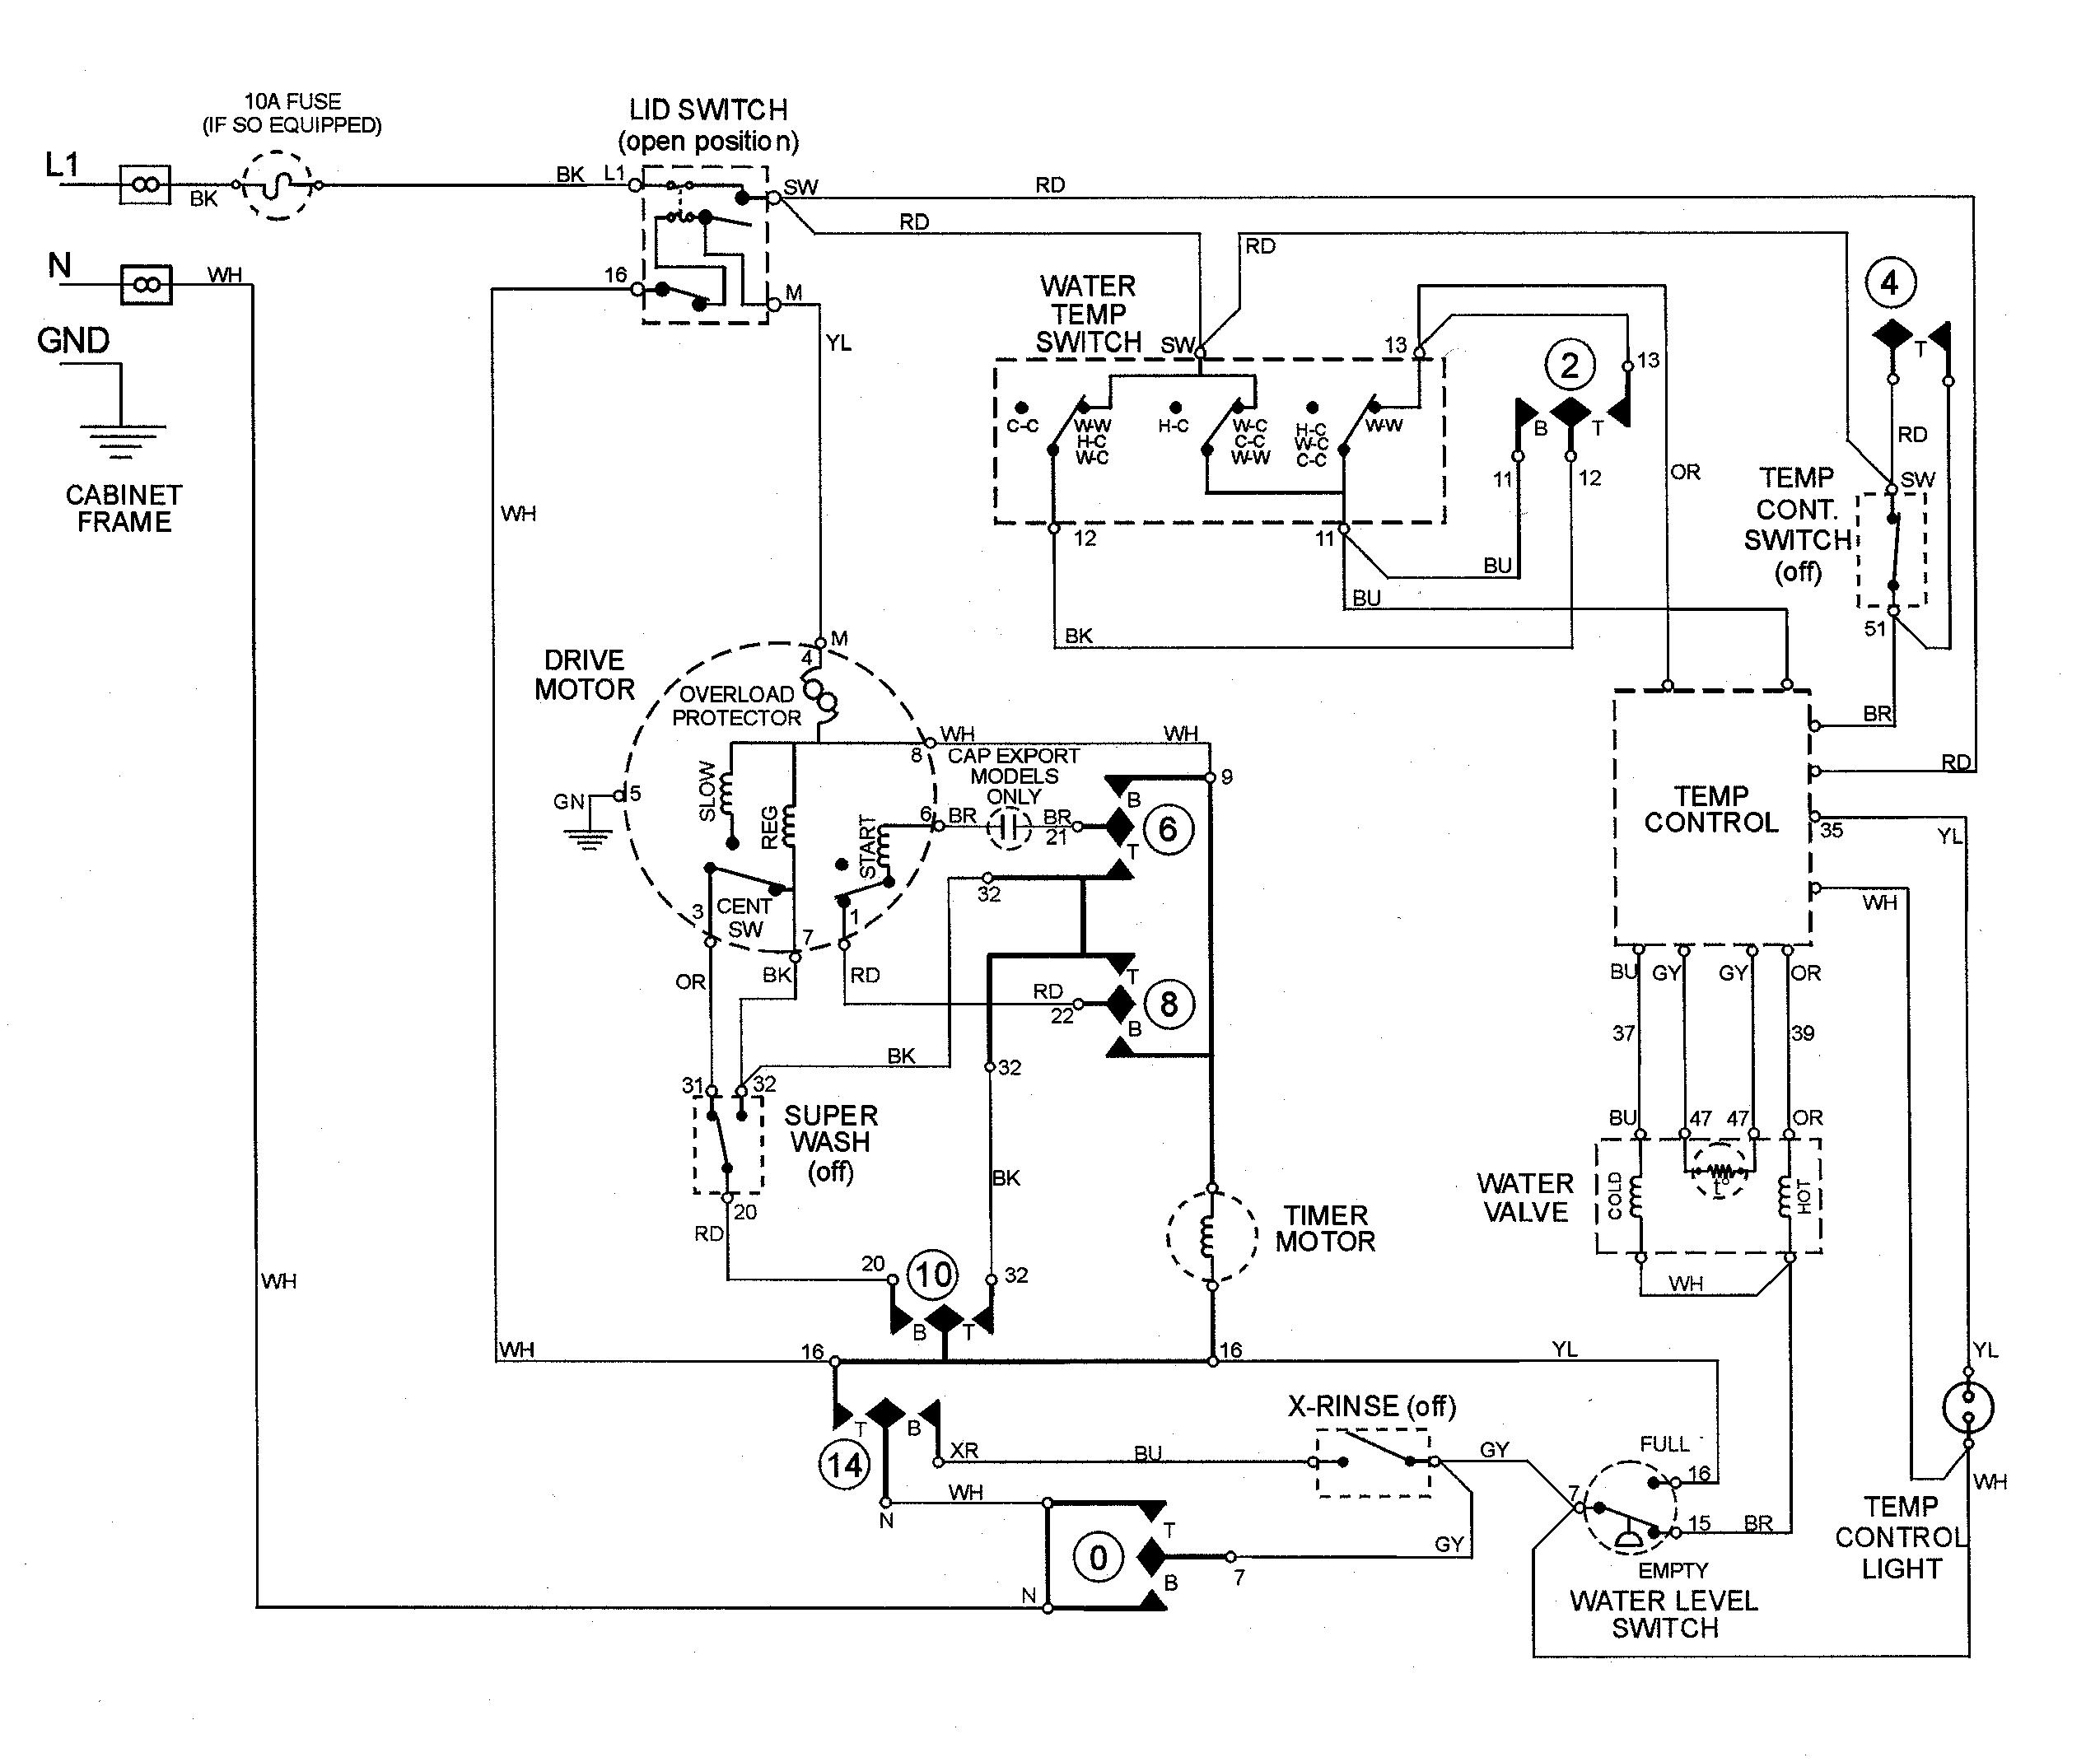 Vintage Ge Dryer Wiring Diagram | Wiring Diagram - Ge Motor Wiring Diagram